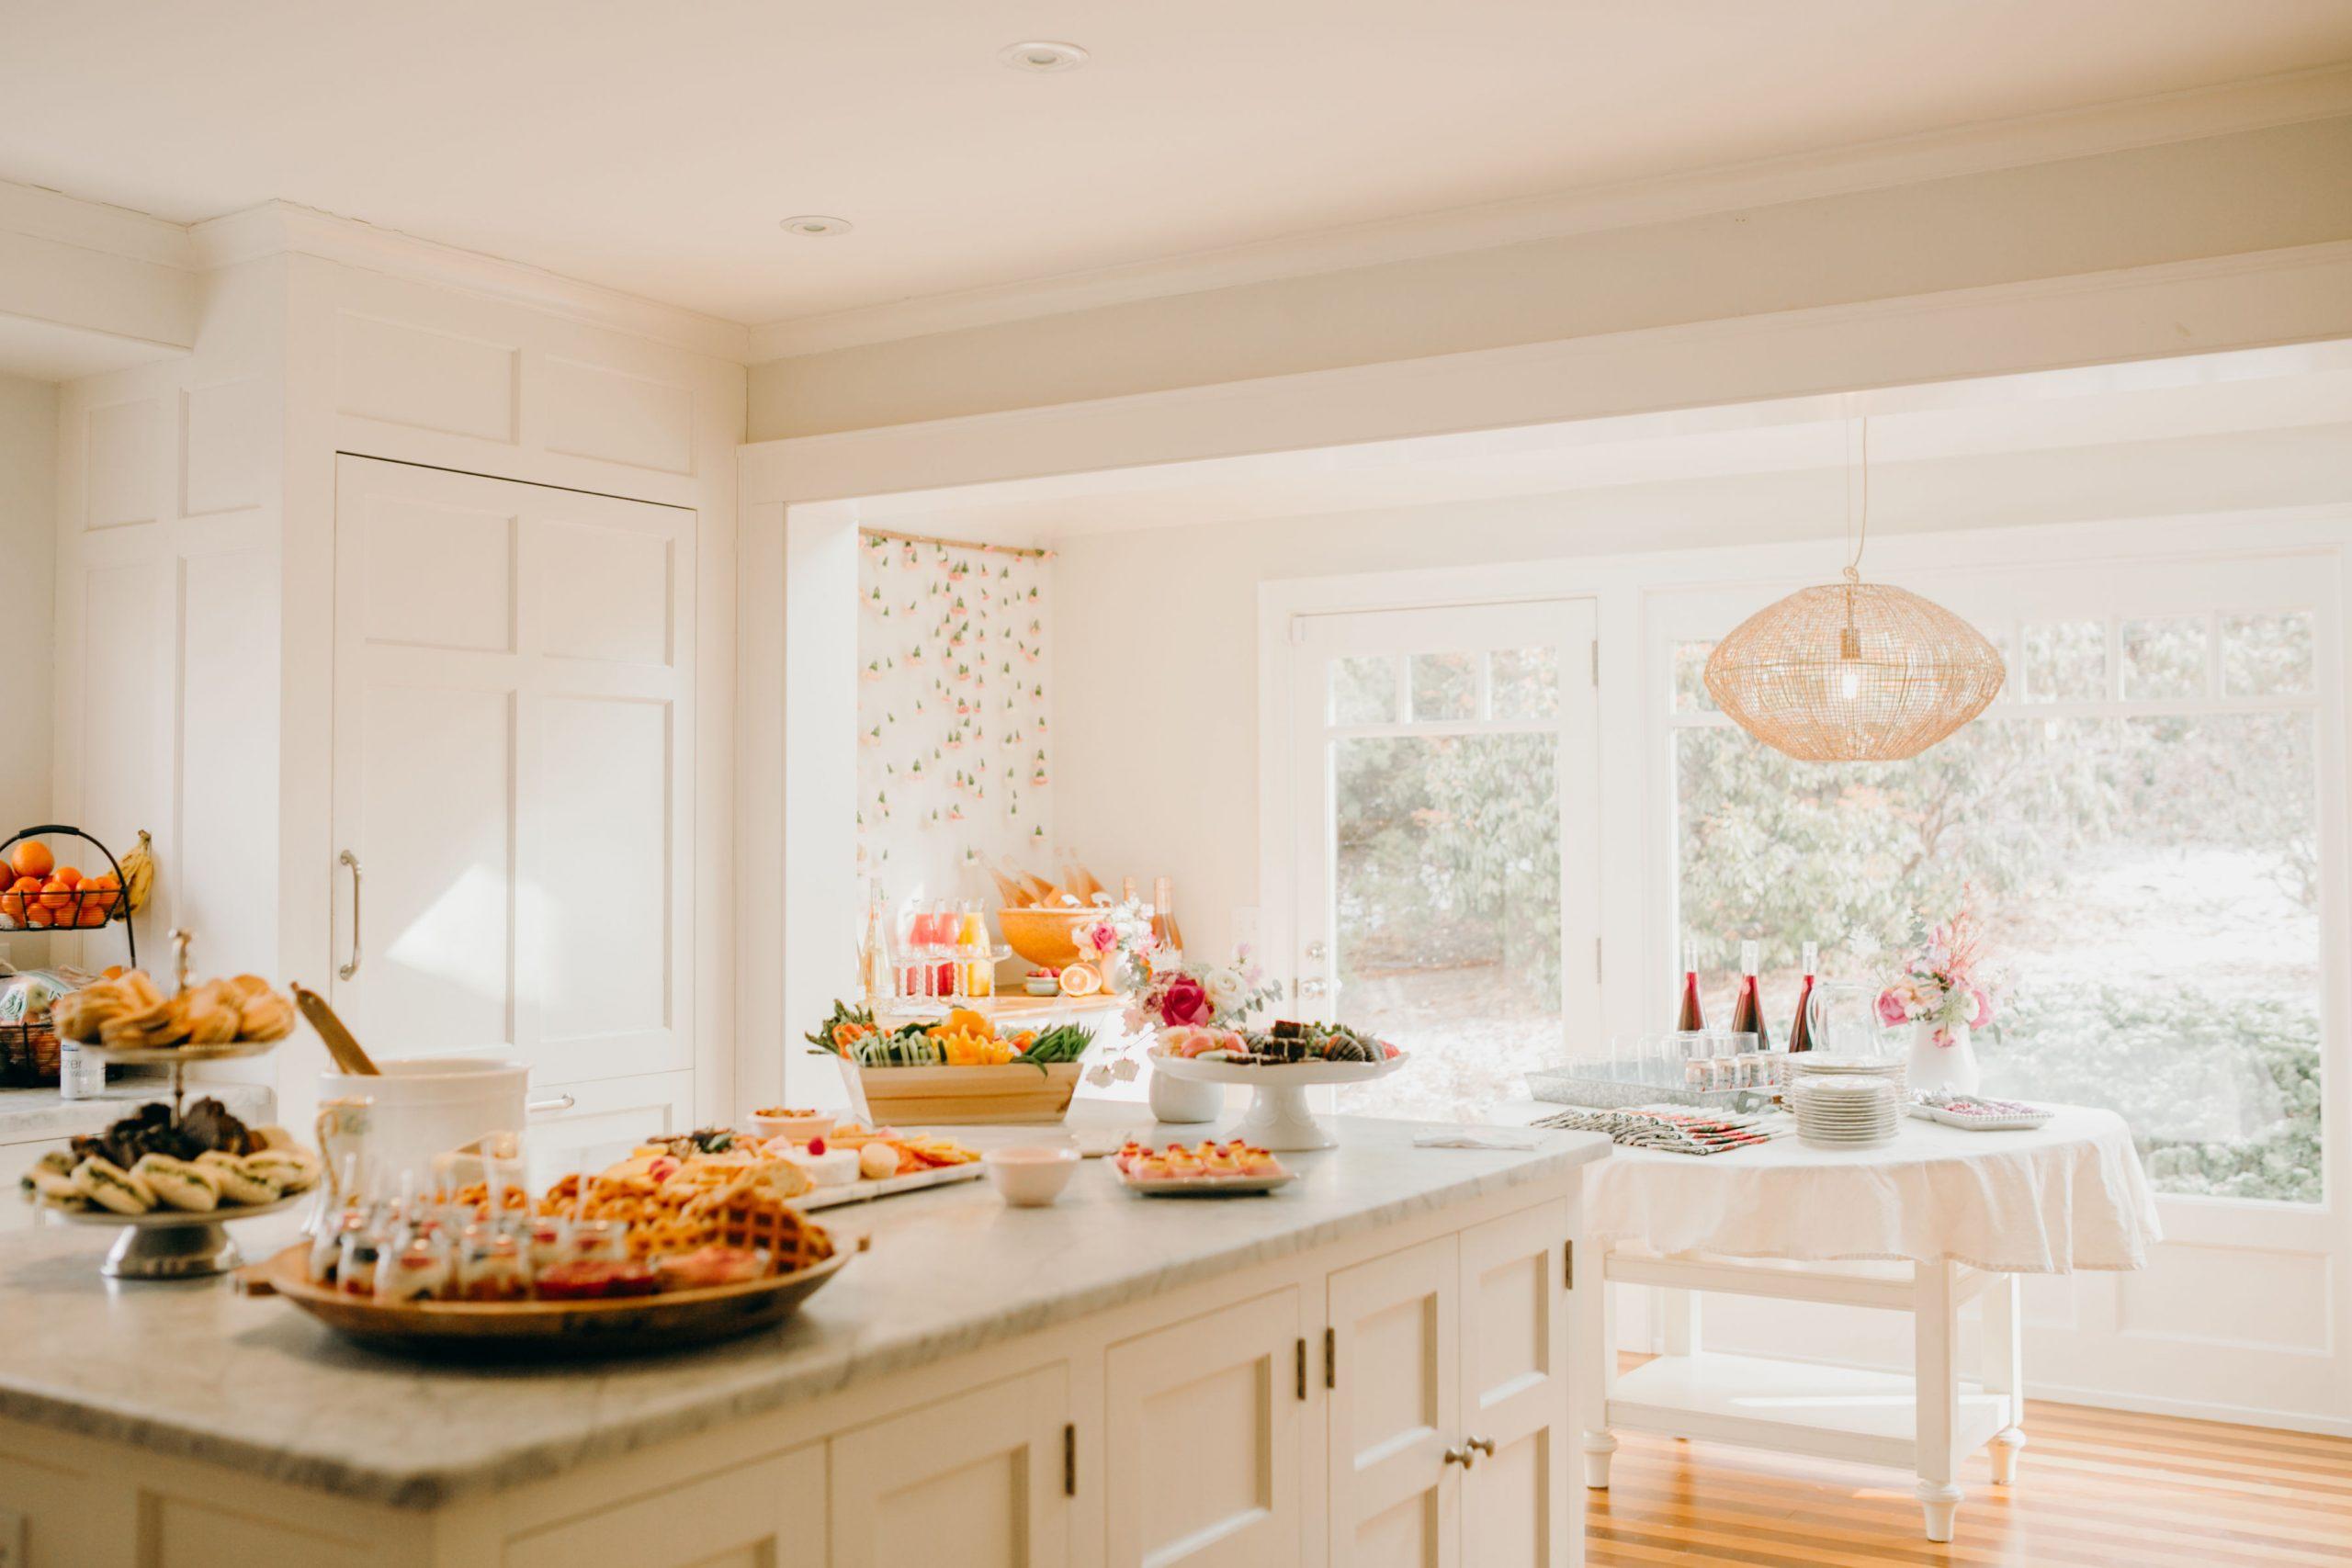 brunch spread in big kitchen